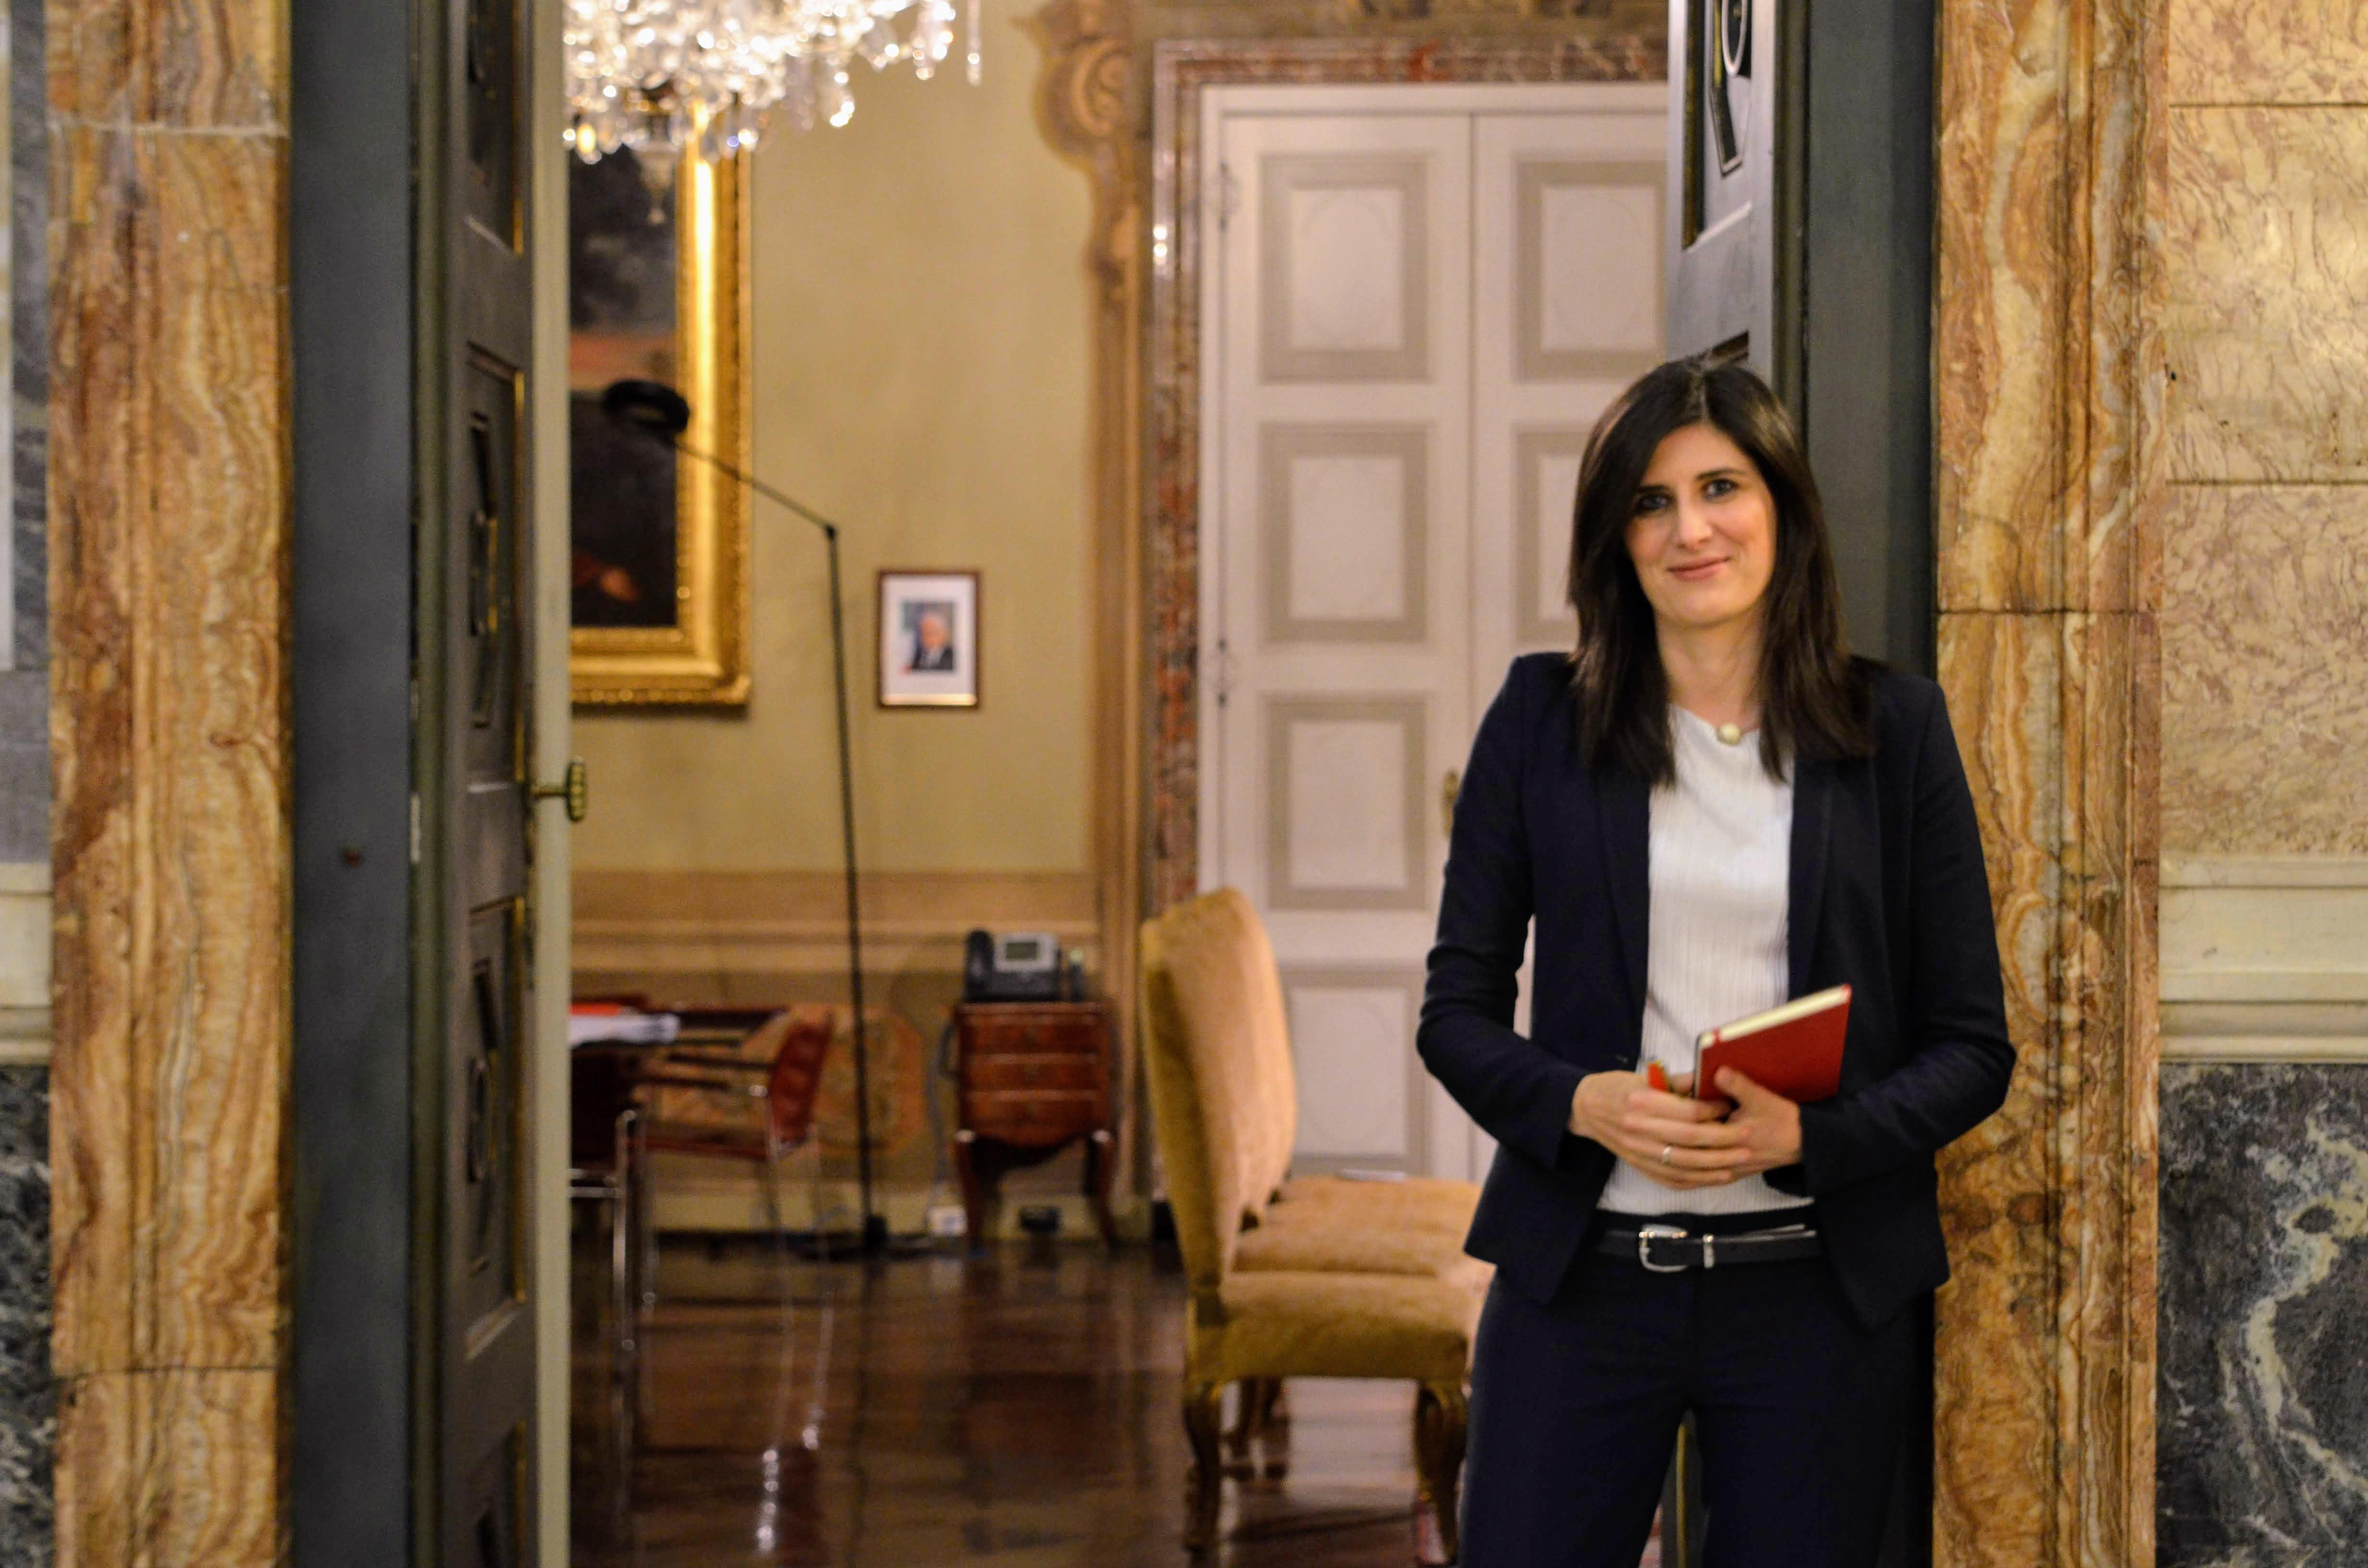 Torino, la porta della sindaca appendino è aperta